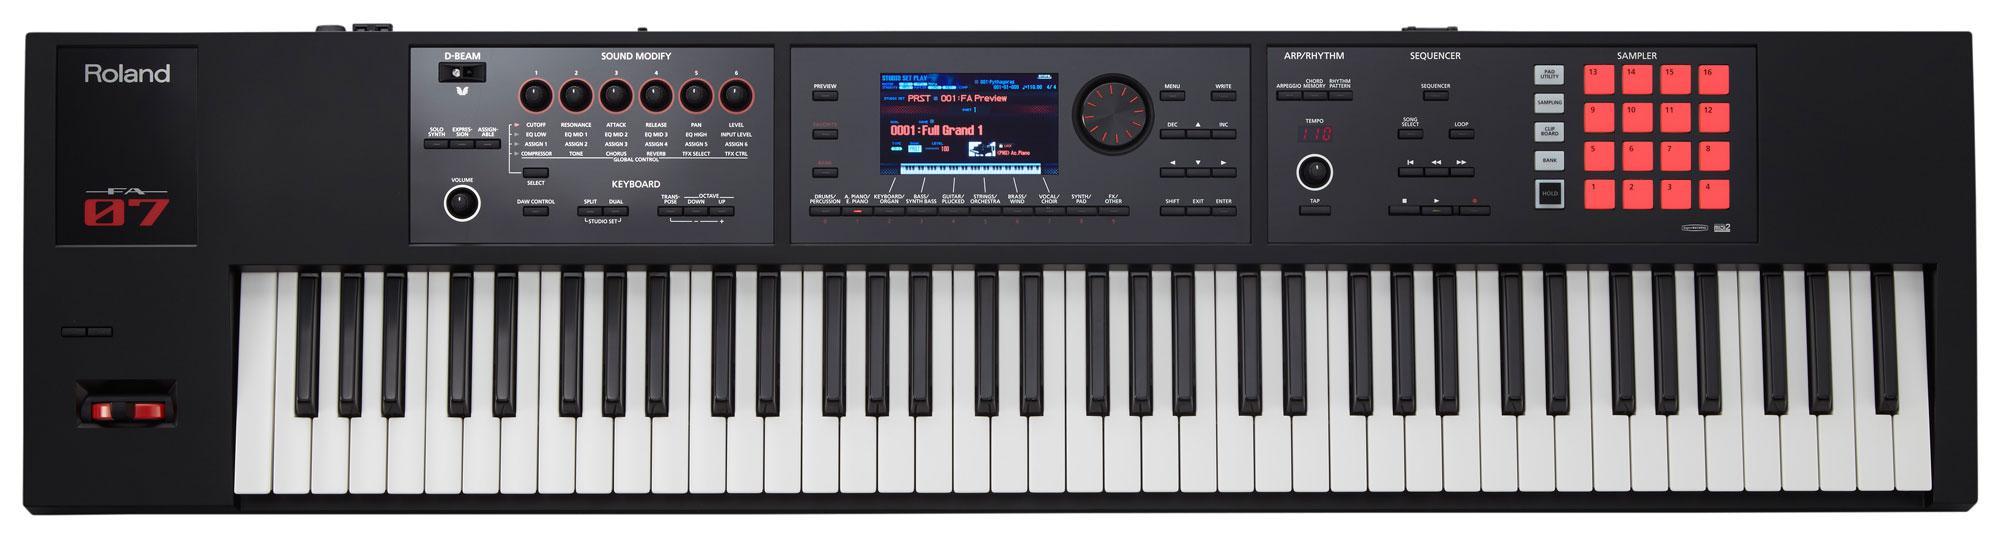 Roland FA 07 Synthesizer Workstation